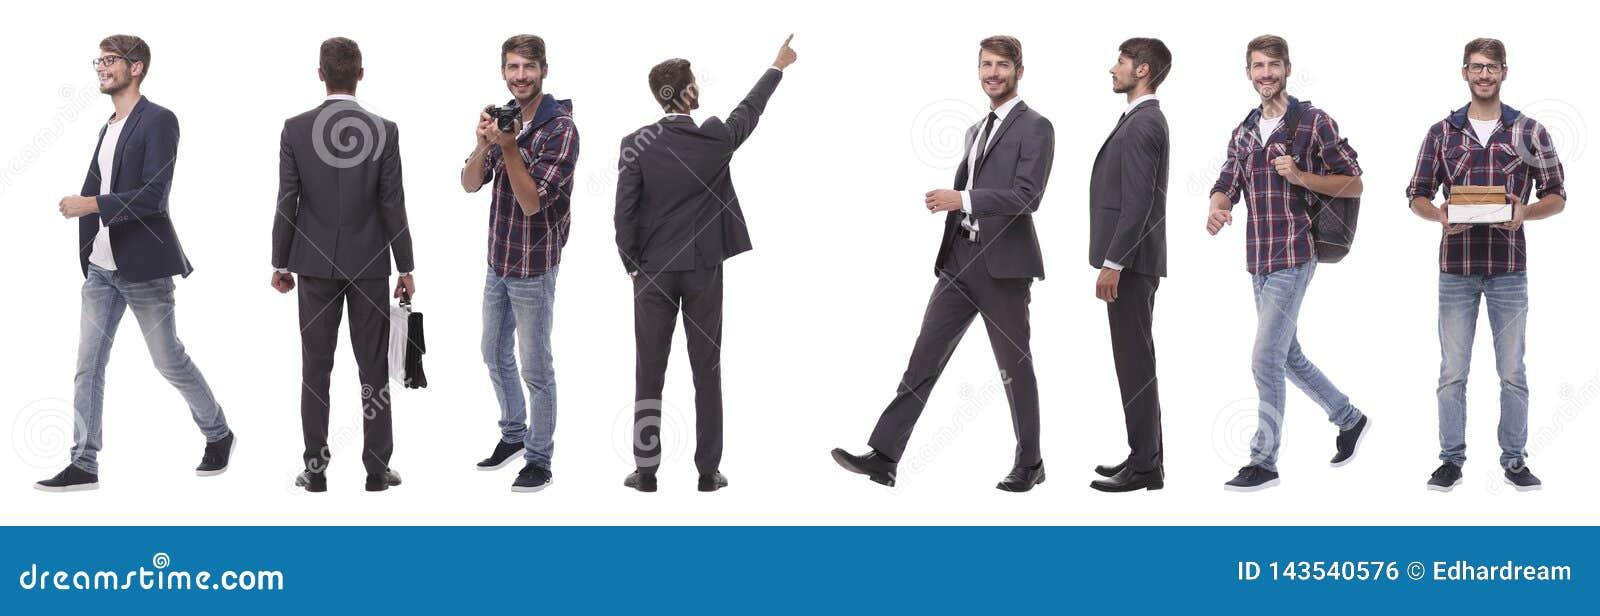 Панорамный коллаж само-мотивированного молодого человека r